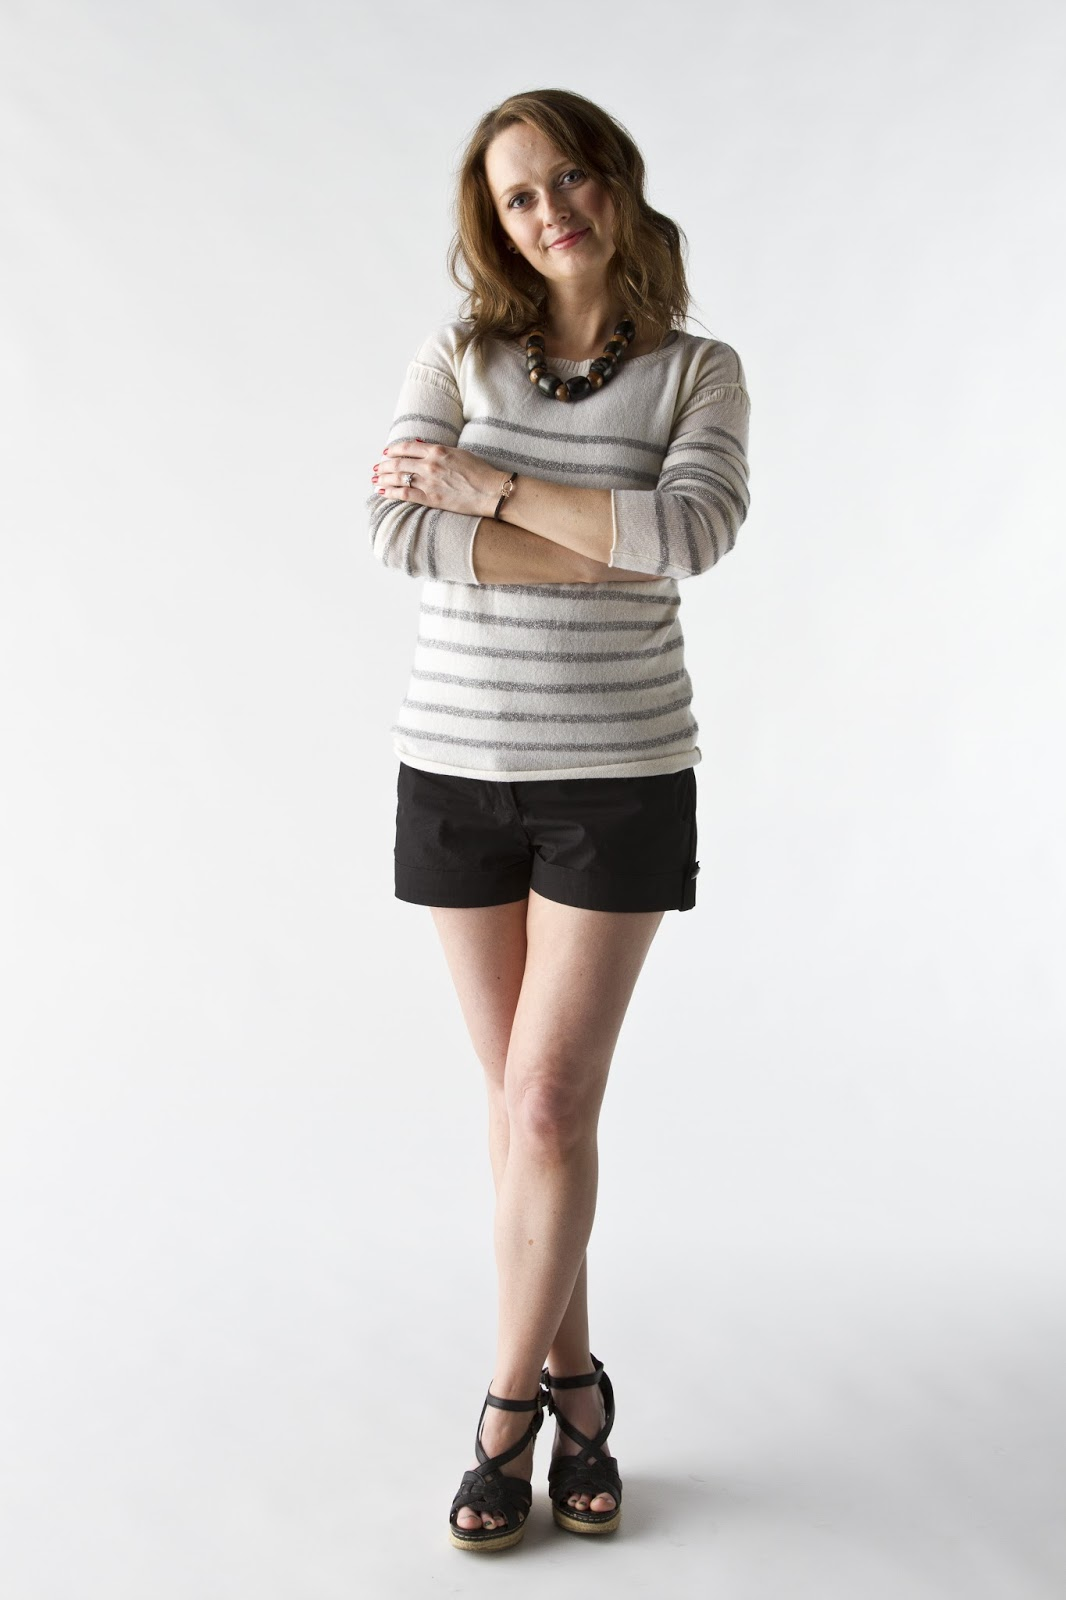 Best 25 Girls in short shorts ideas on Pinterest Boho